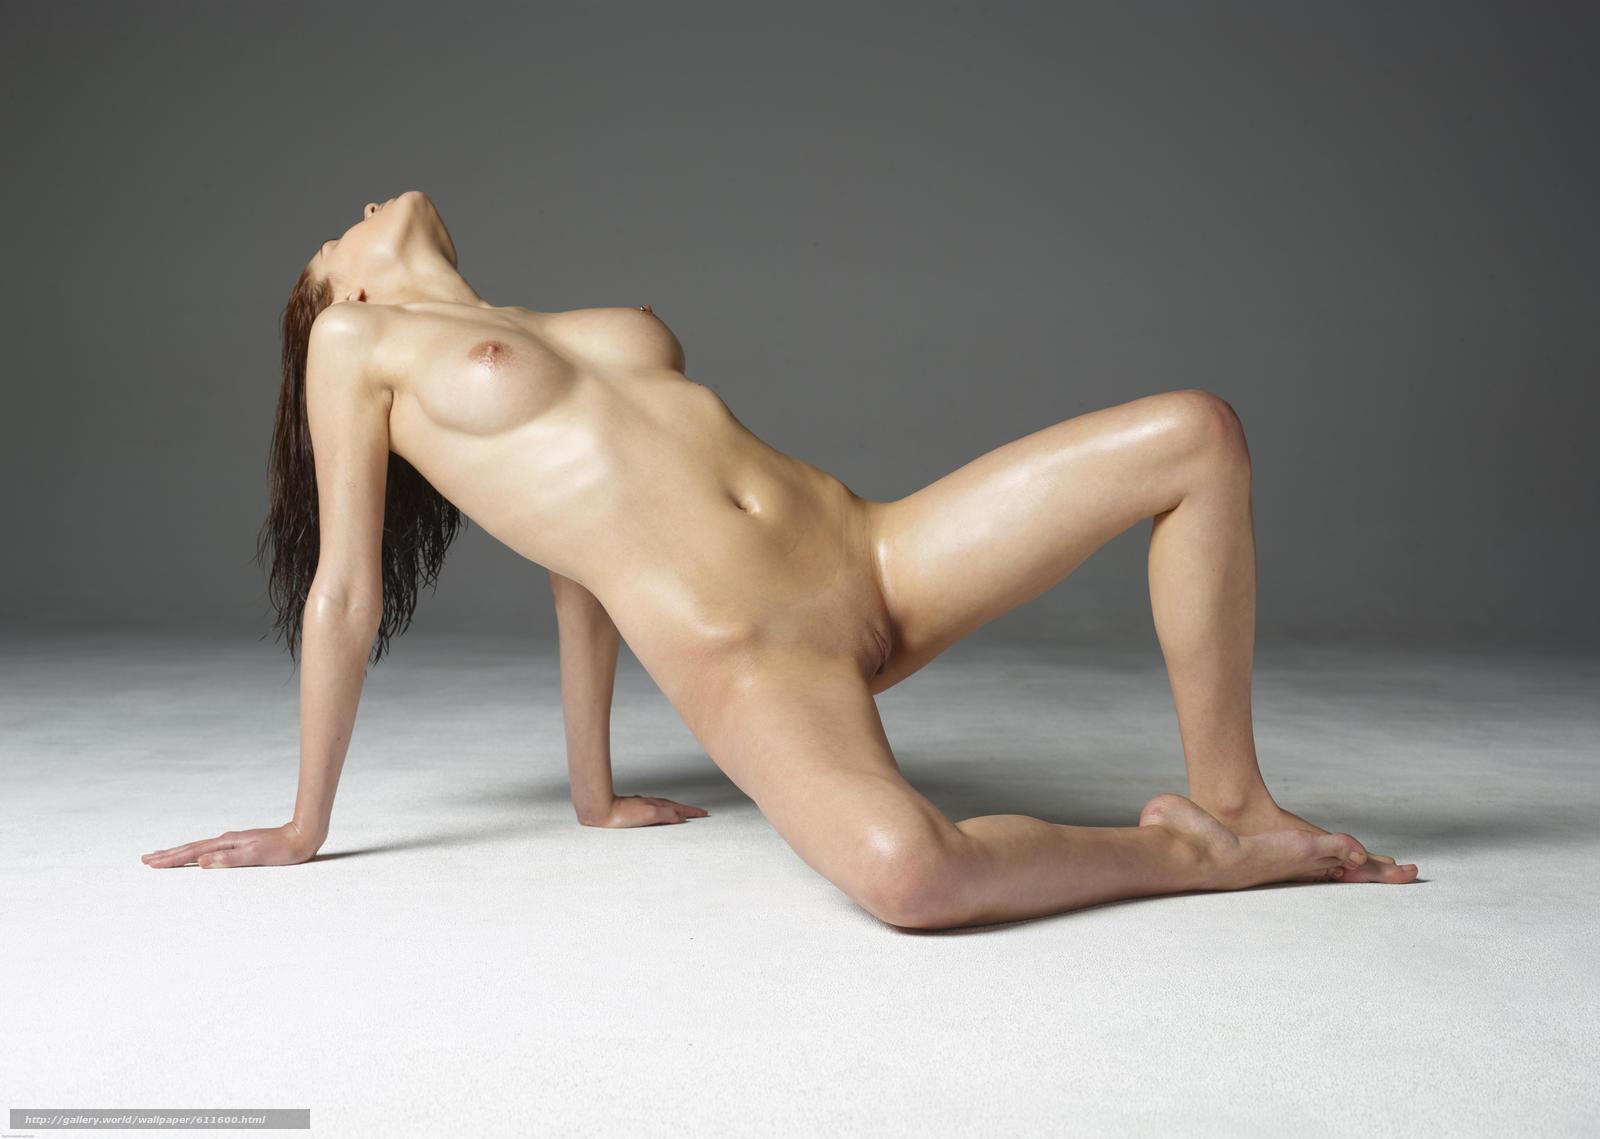 dlya-skachivaniya-erotiki